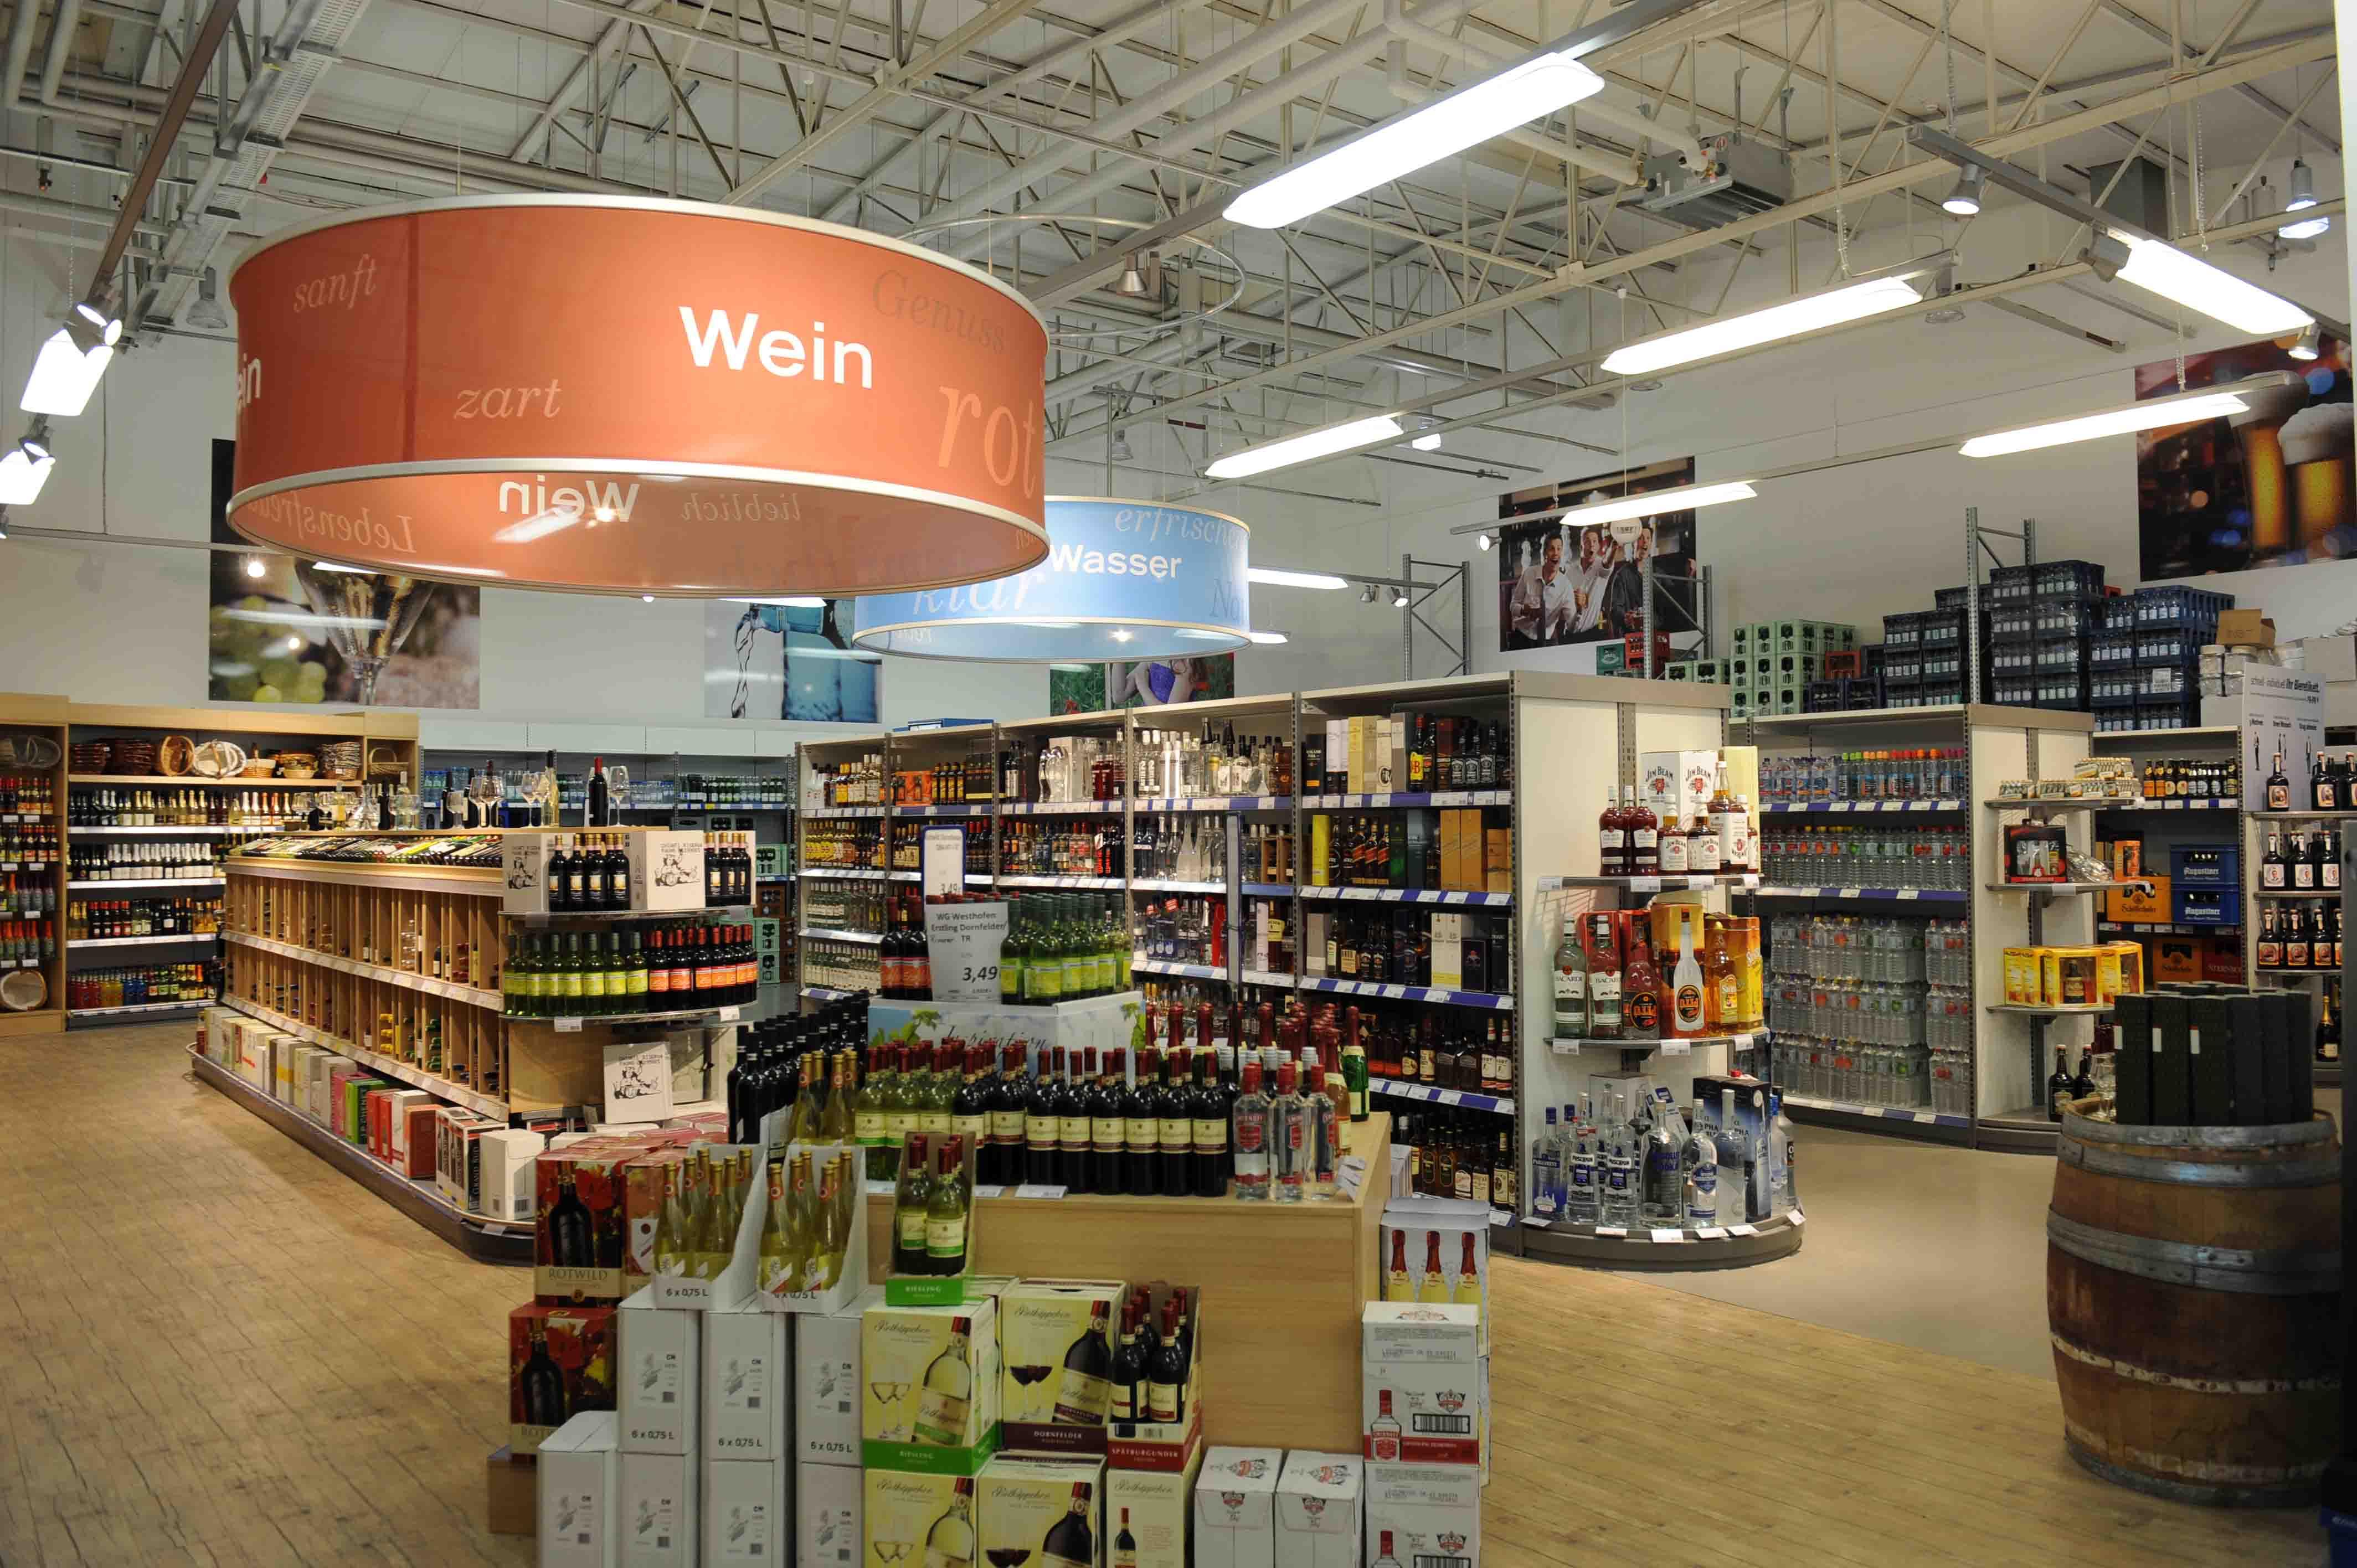 Zisch Getränke Großmarkt Innen